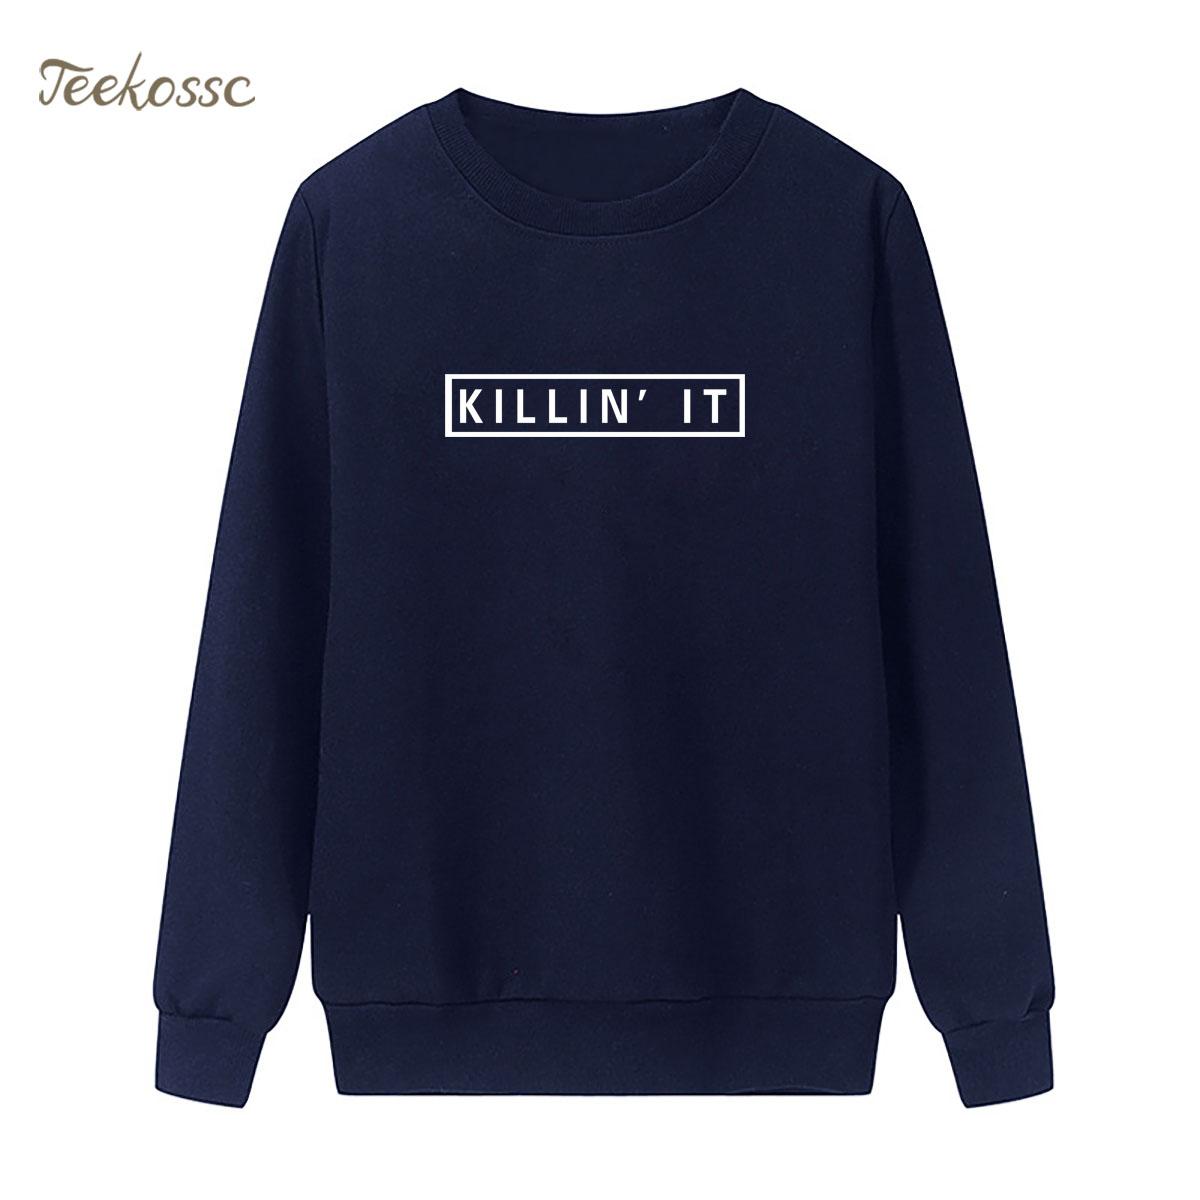 Killin It Sweatshirt Women Casual Hoodie 2018 New Fashion Winter Autumn Lasdies Pullover Loose Fit Fleece Warm Print Sportswear